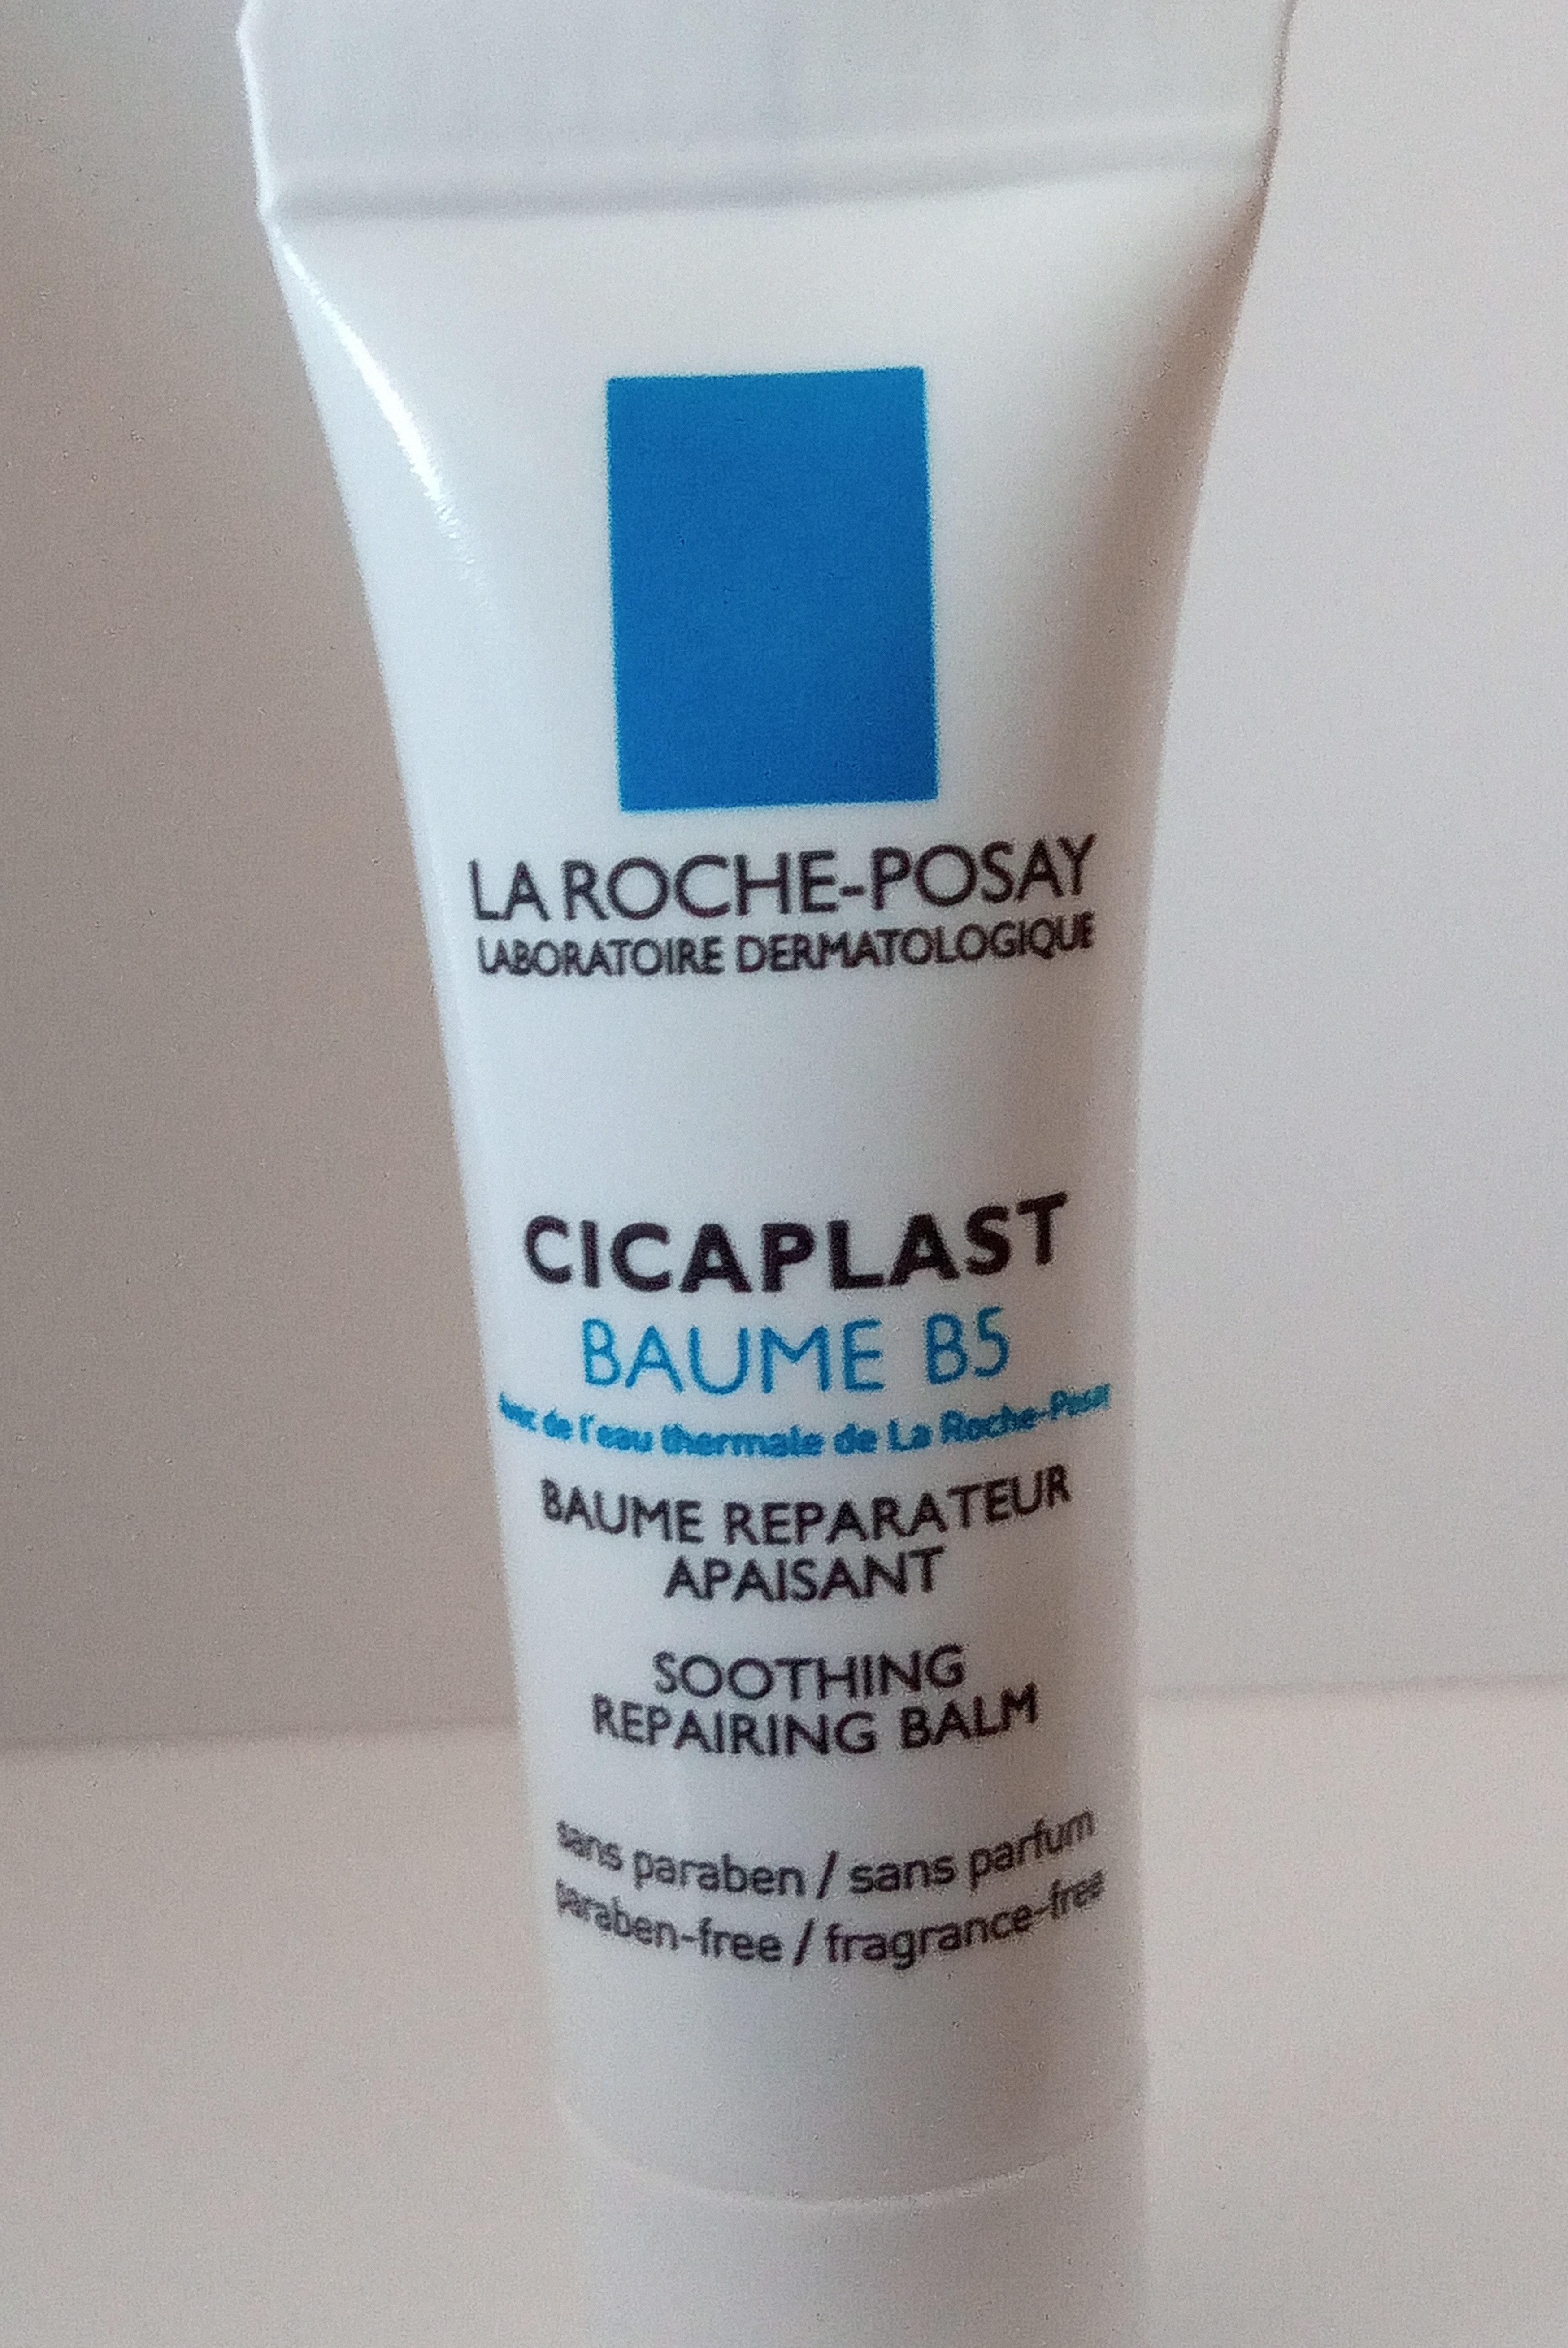 cicaplast Baume B5 - Produit - fr